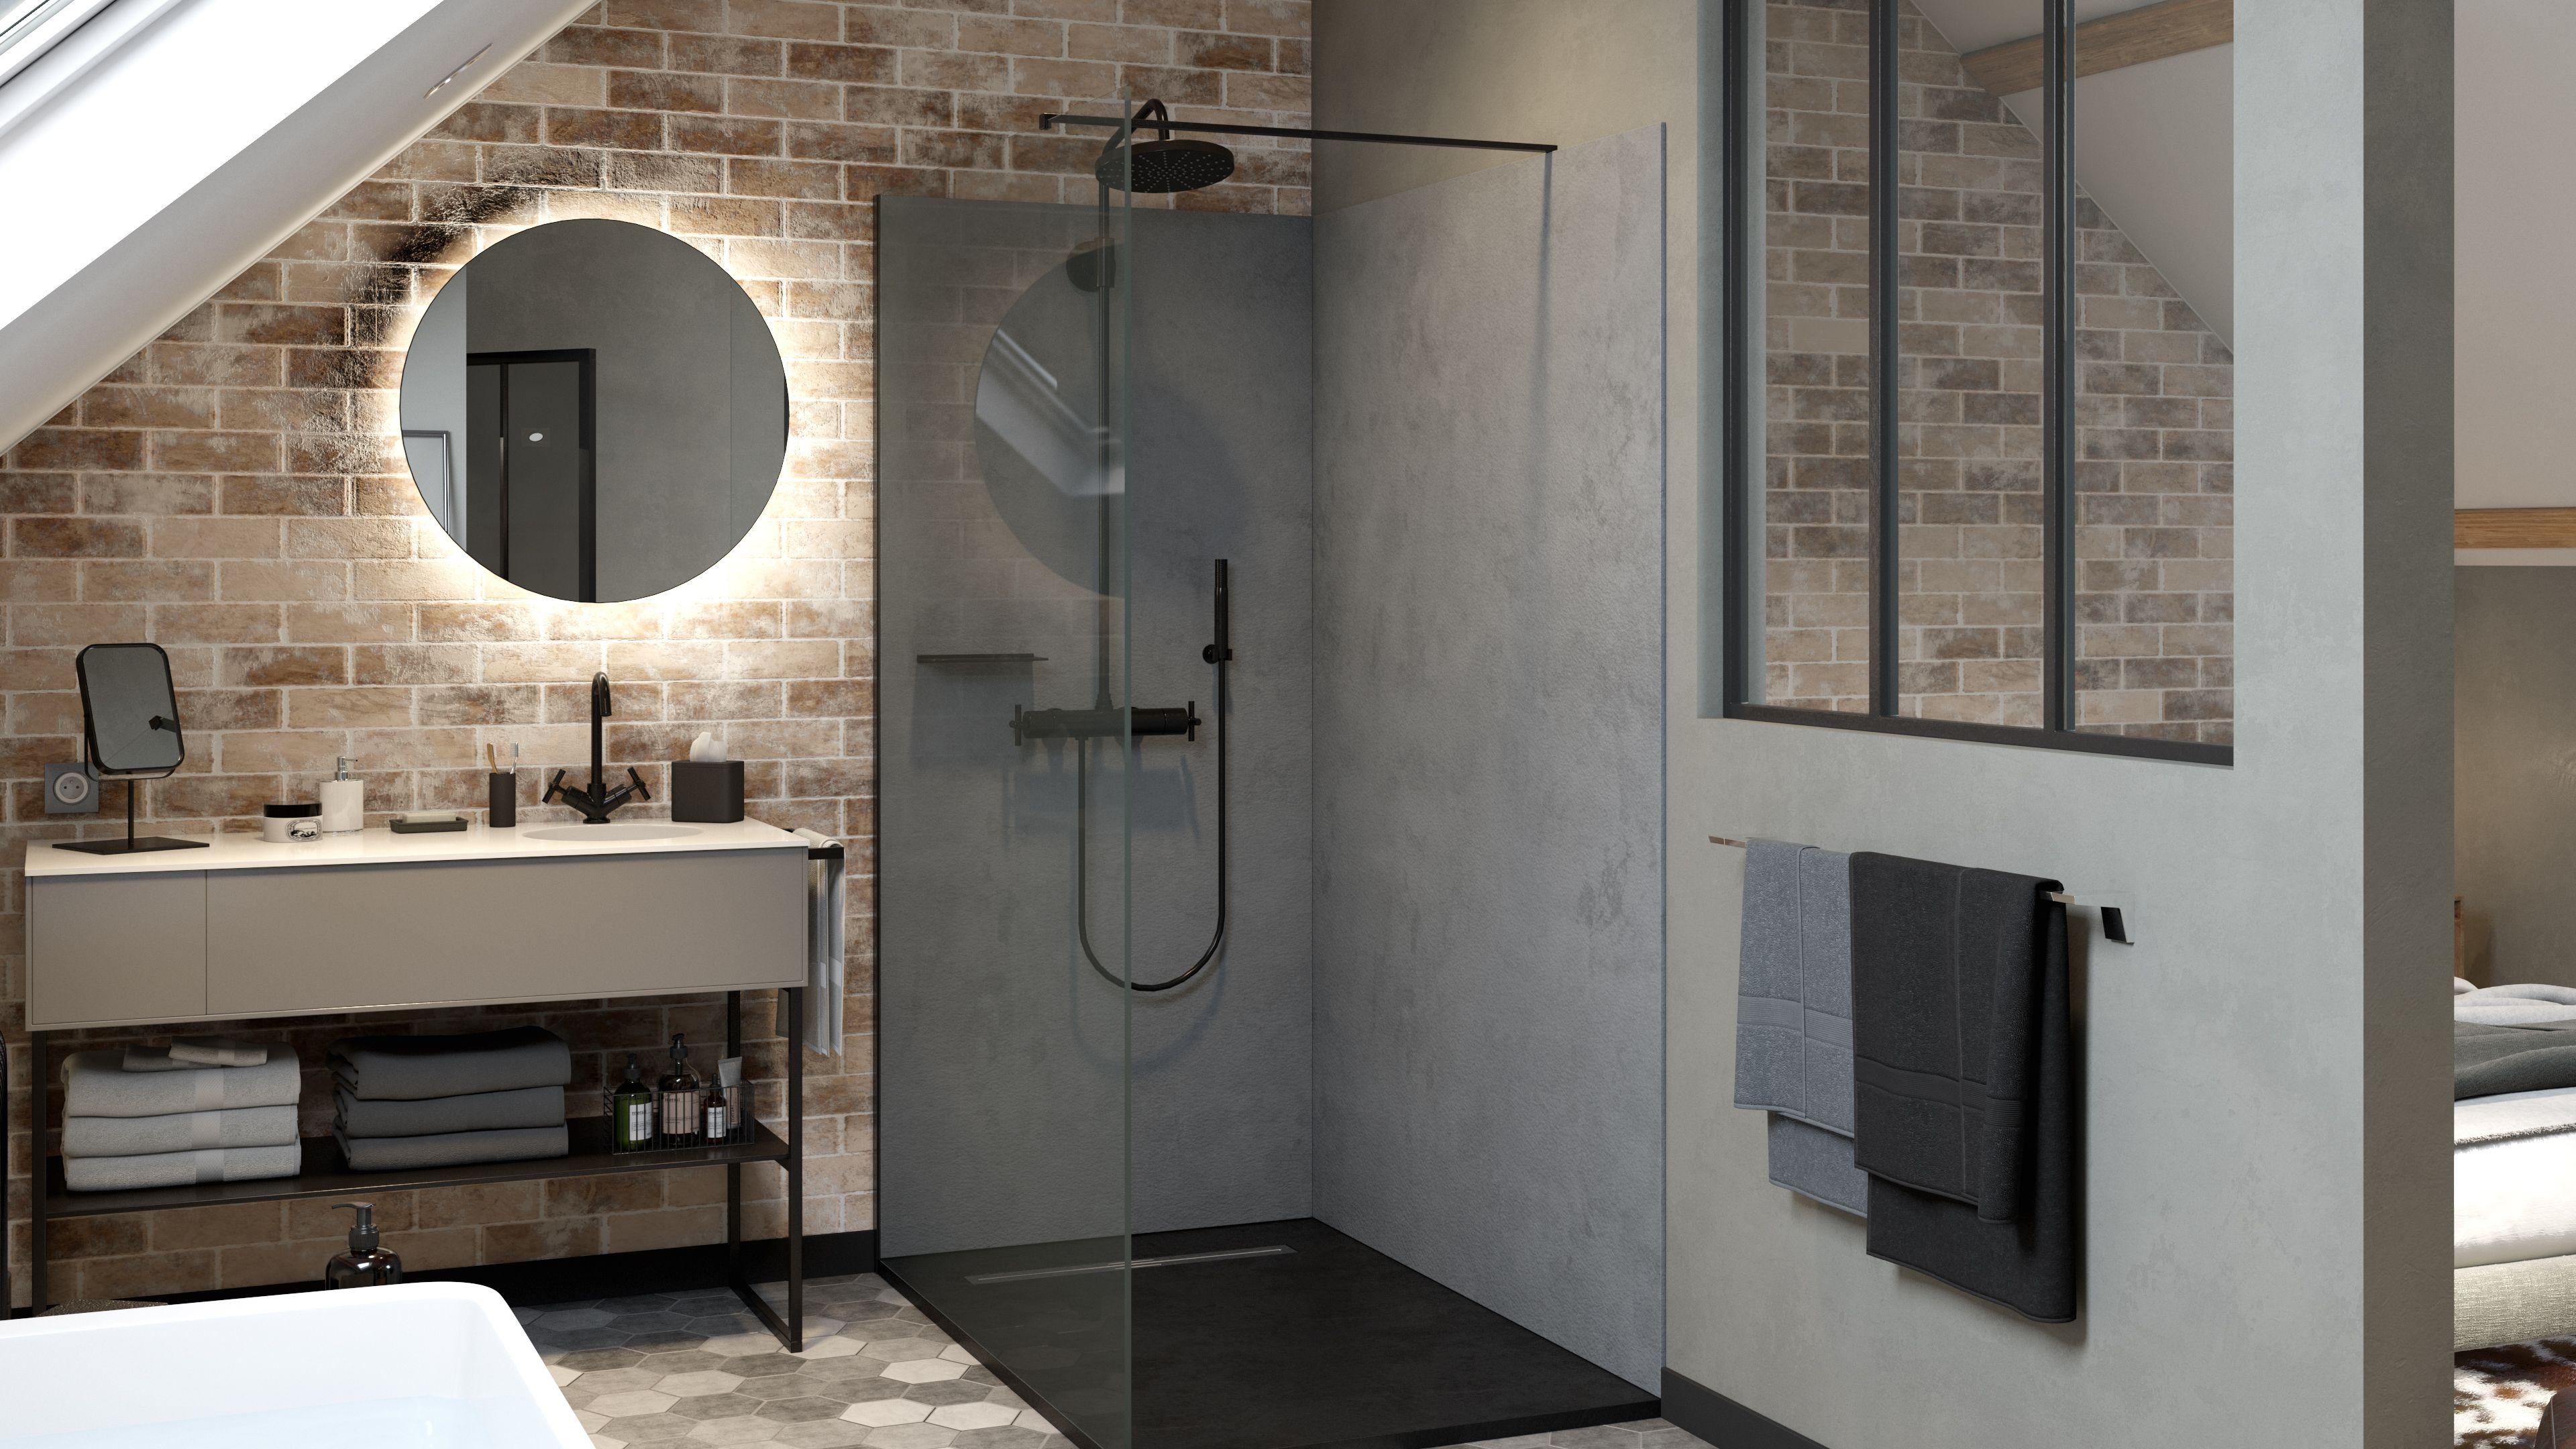 Baignoire Sous Les Combles une salle de bains sous les #combles installée pour la